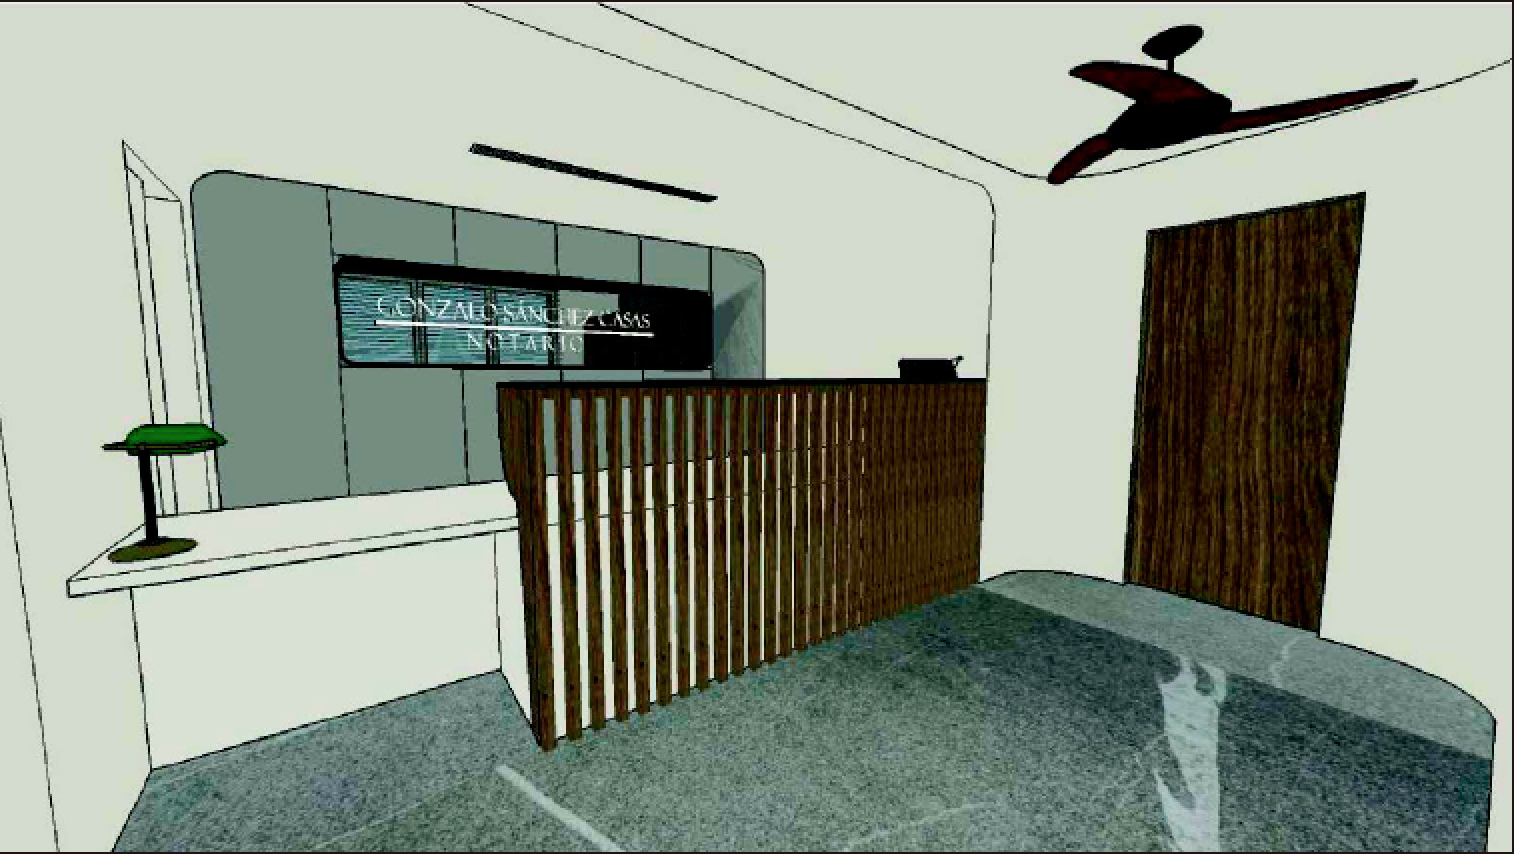 Notaría Gonzalo Sánchez Casa. Imagen virtual.